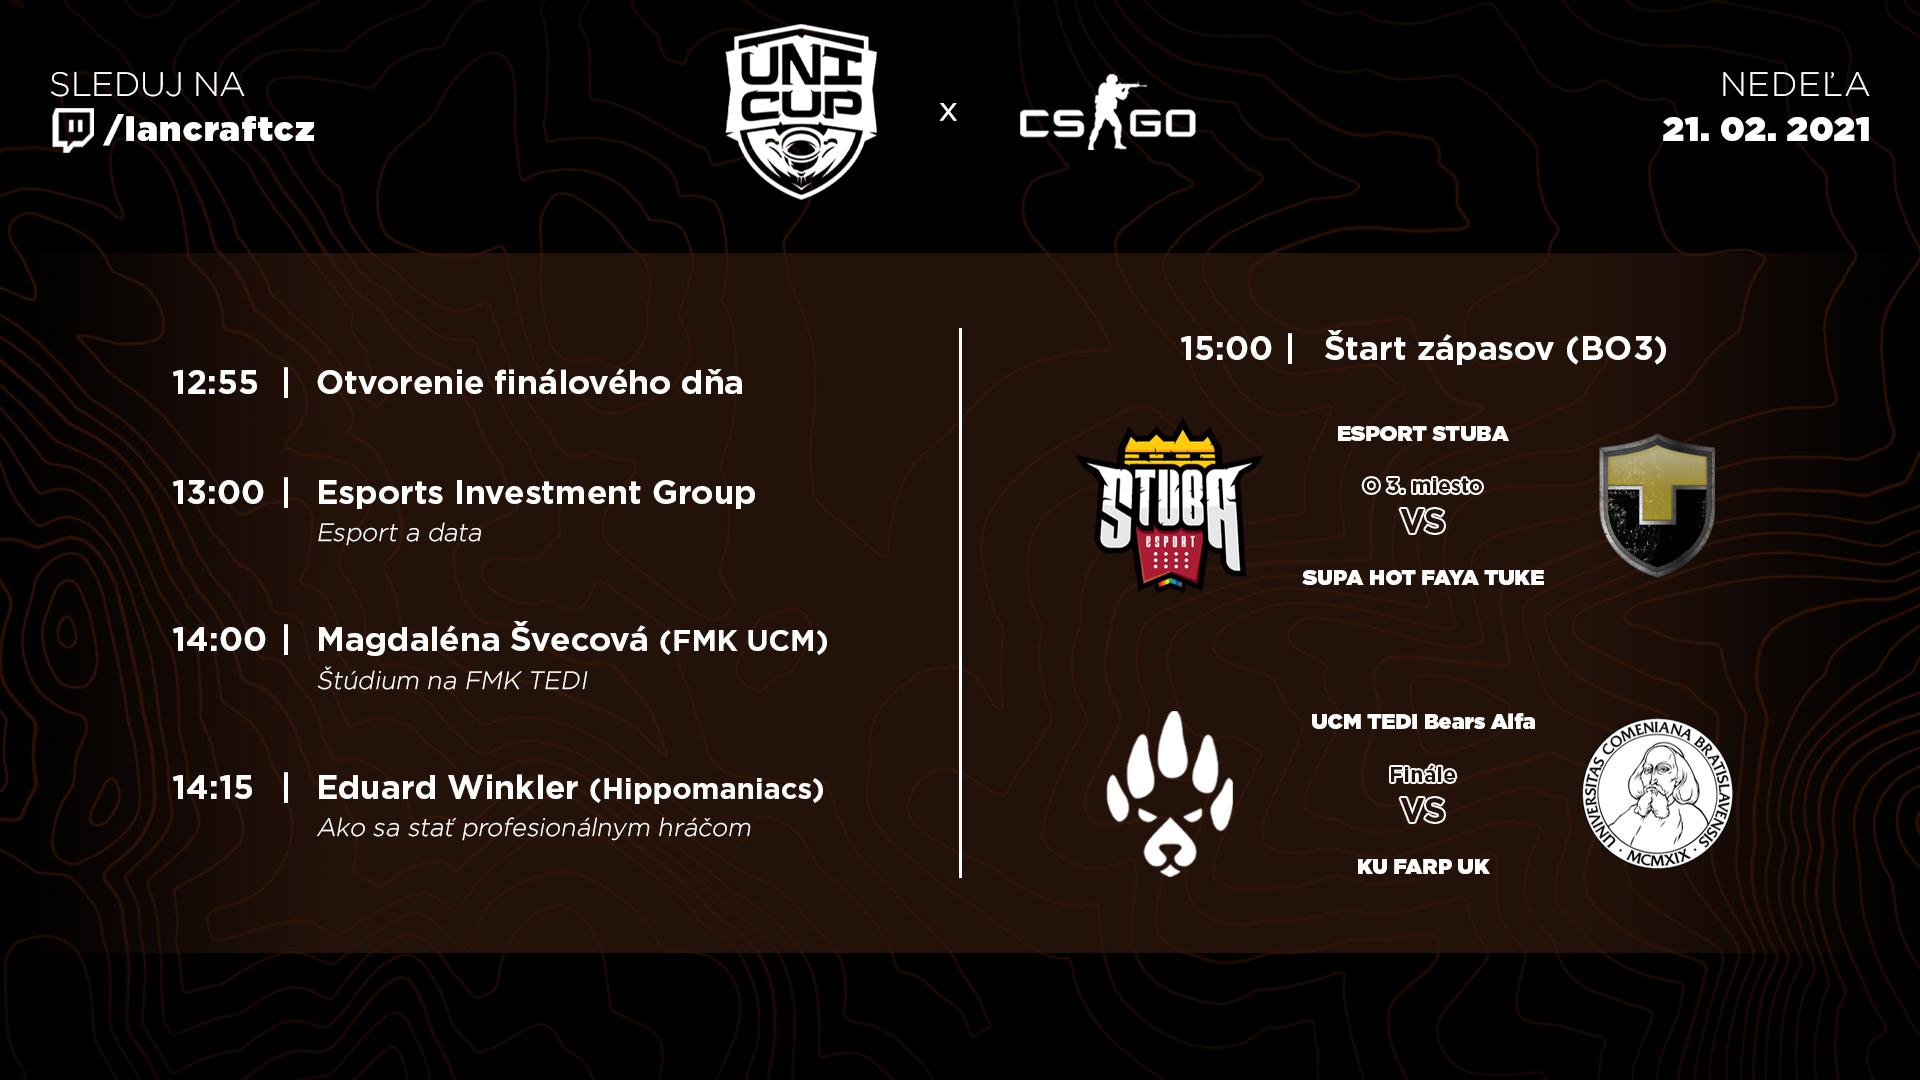 Nedeľný program na streame UniCupu.